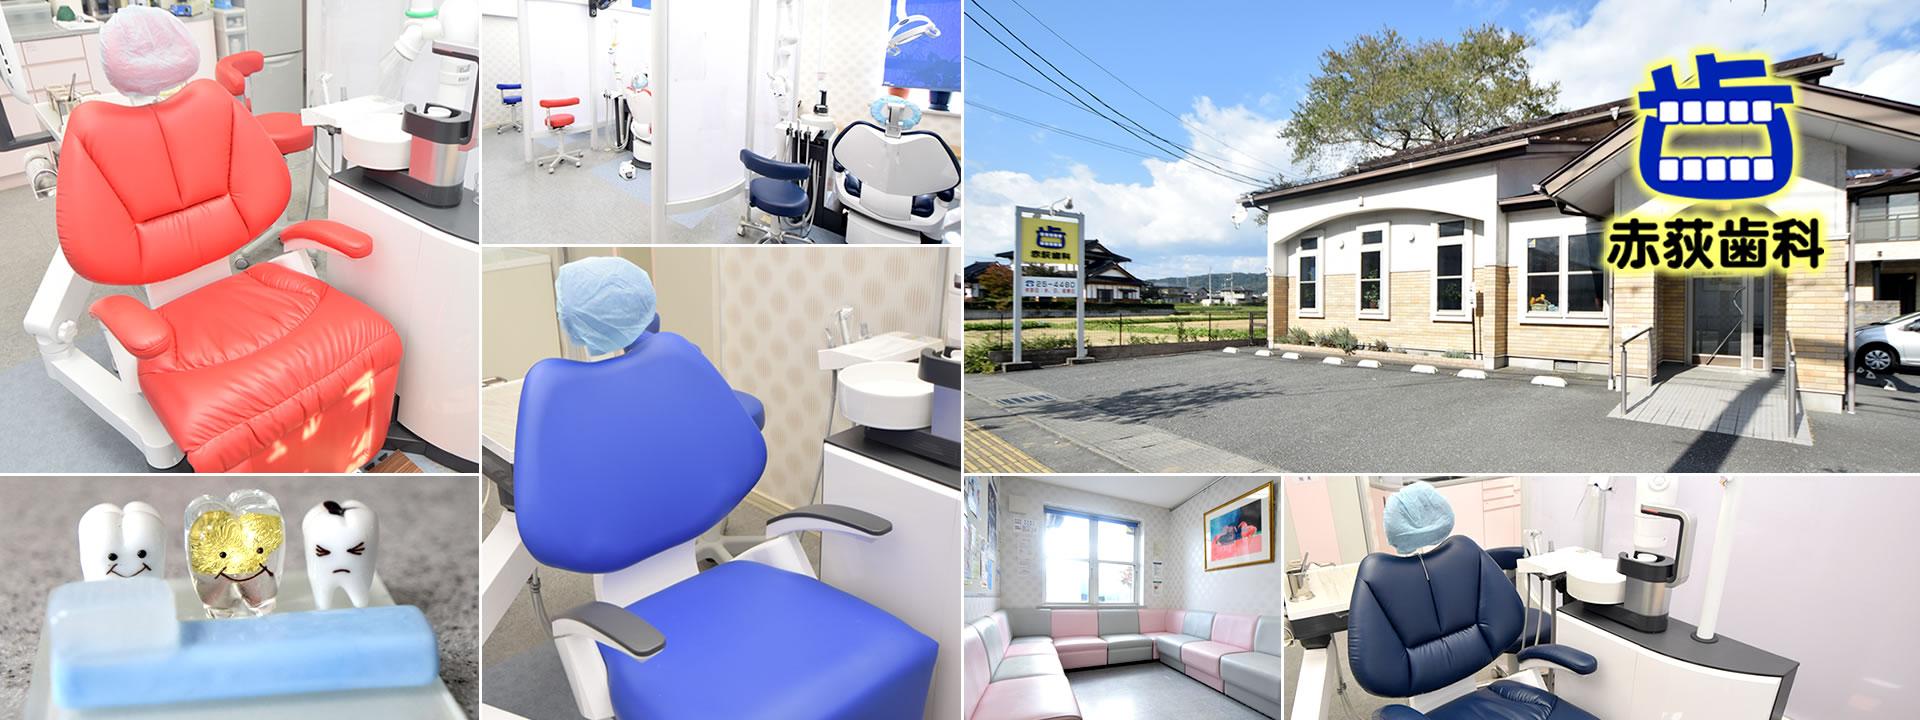 岩手県一関市の歯医者|赤荻歯科医院(あこおぎ歯科医院)